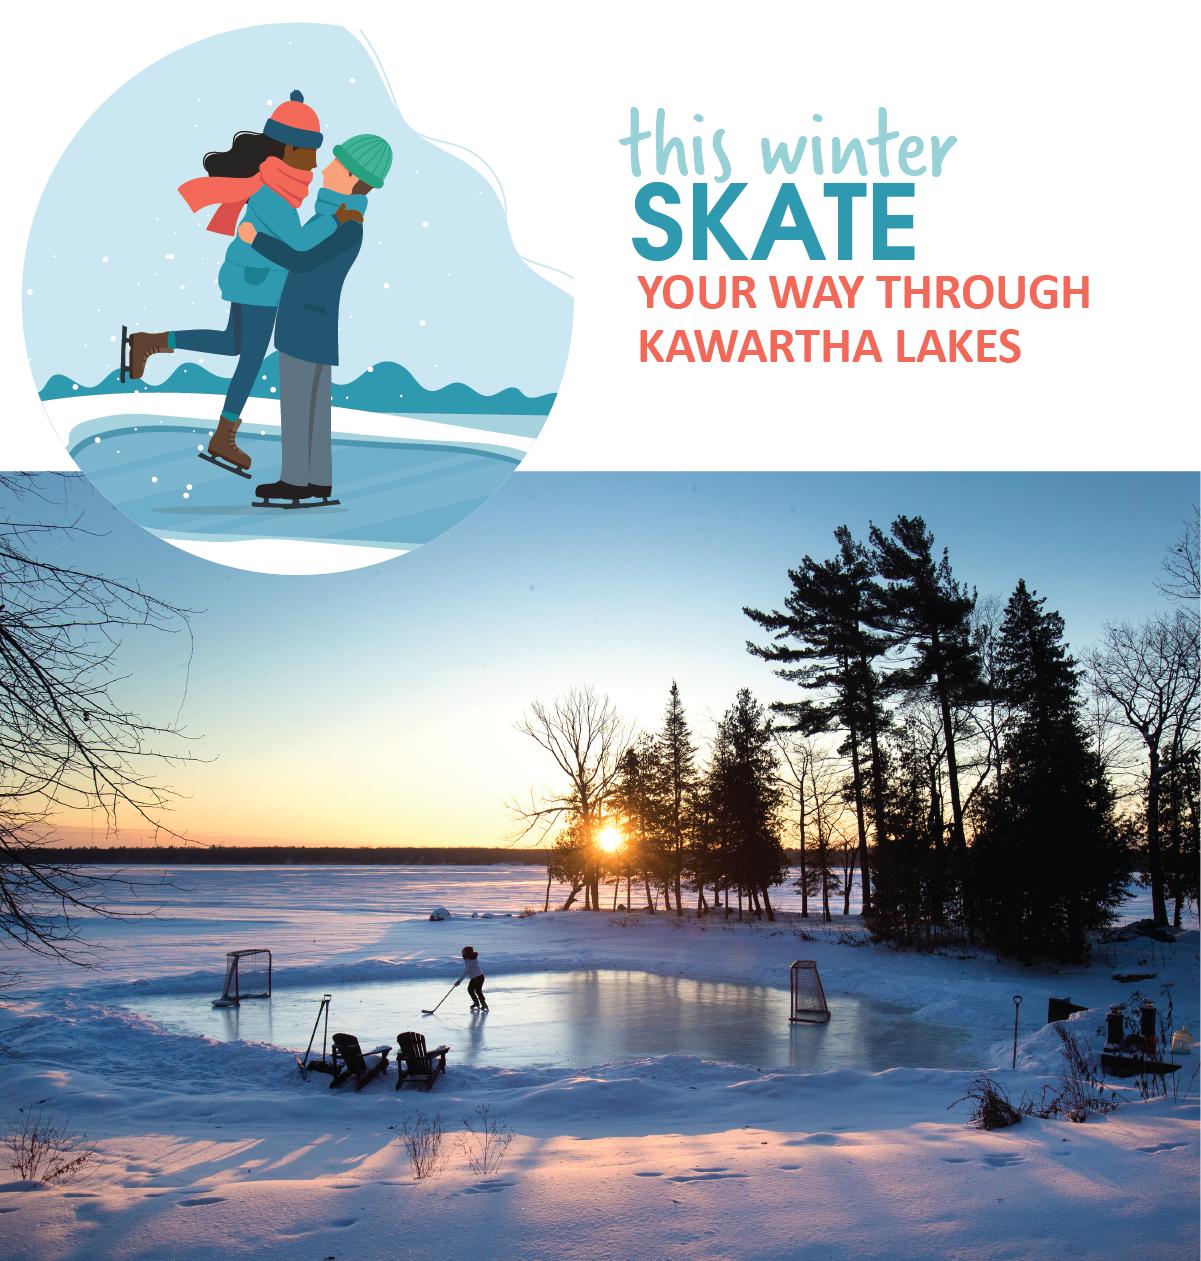 Skate your way through Kawartha Lakes